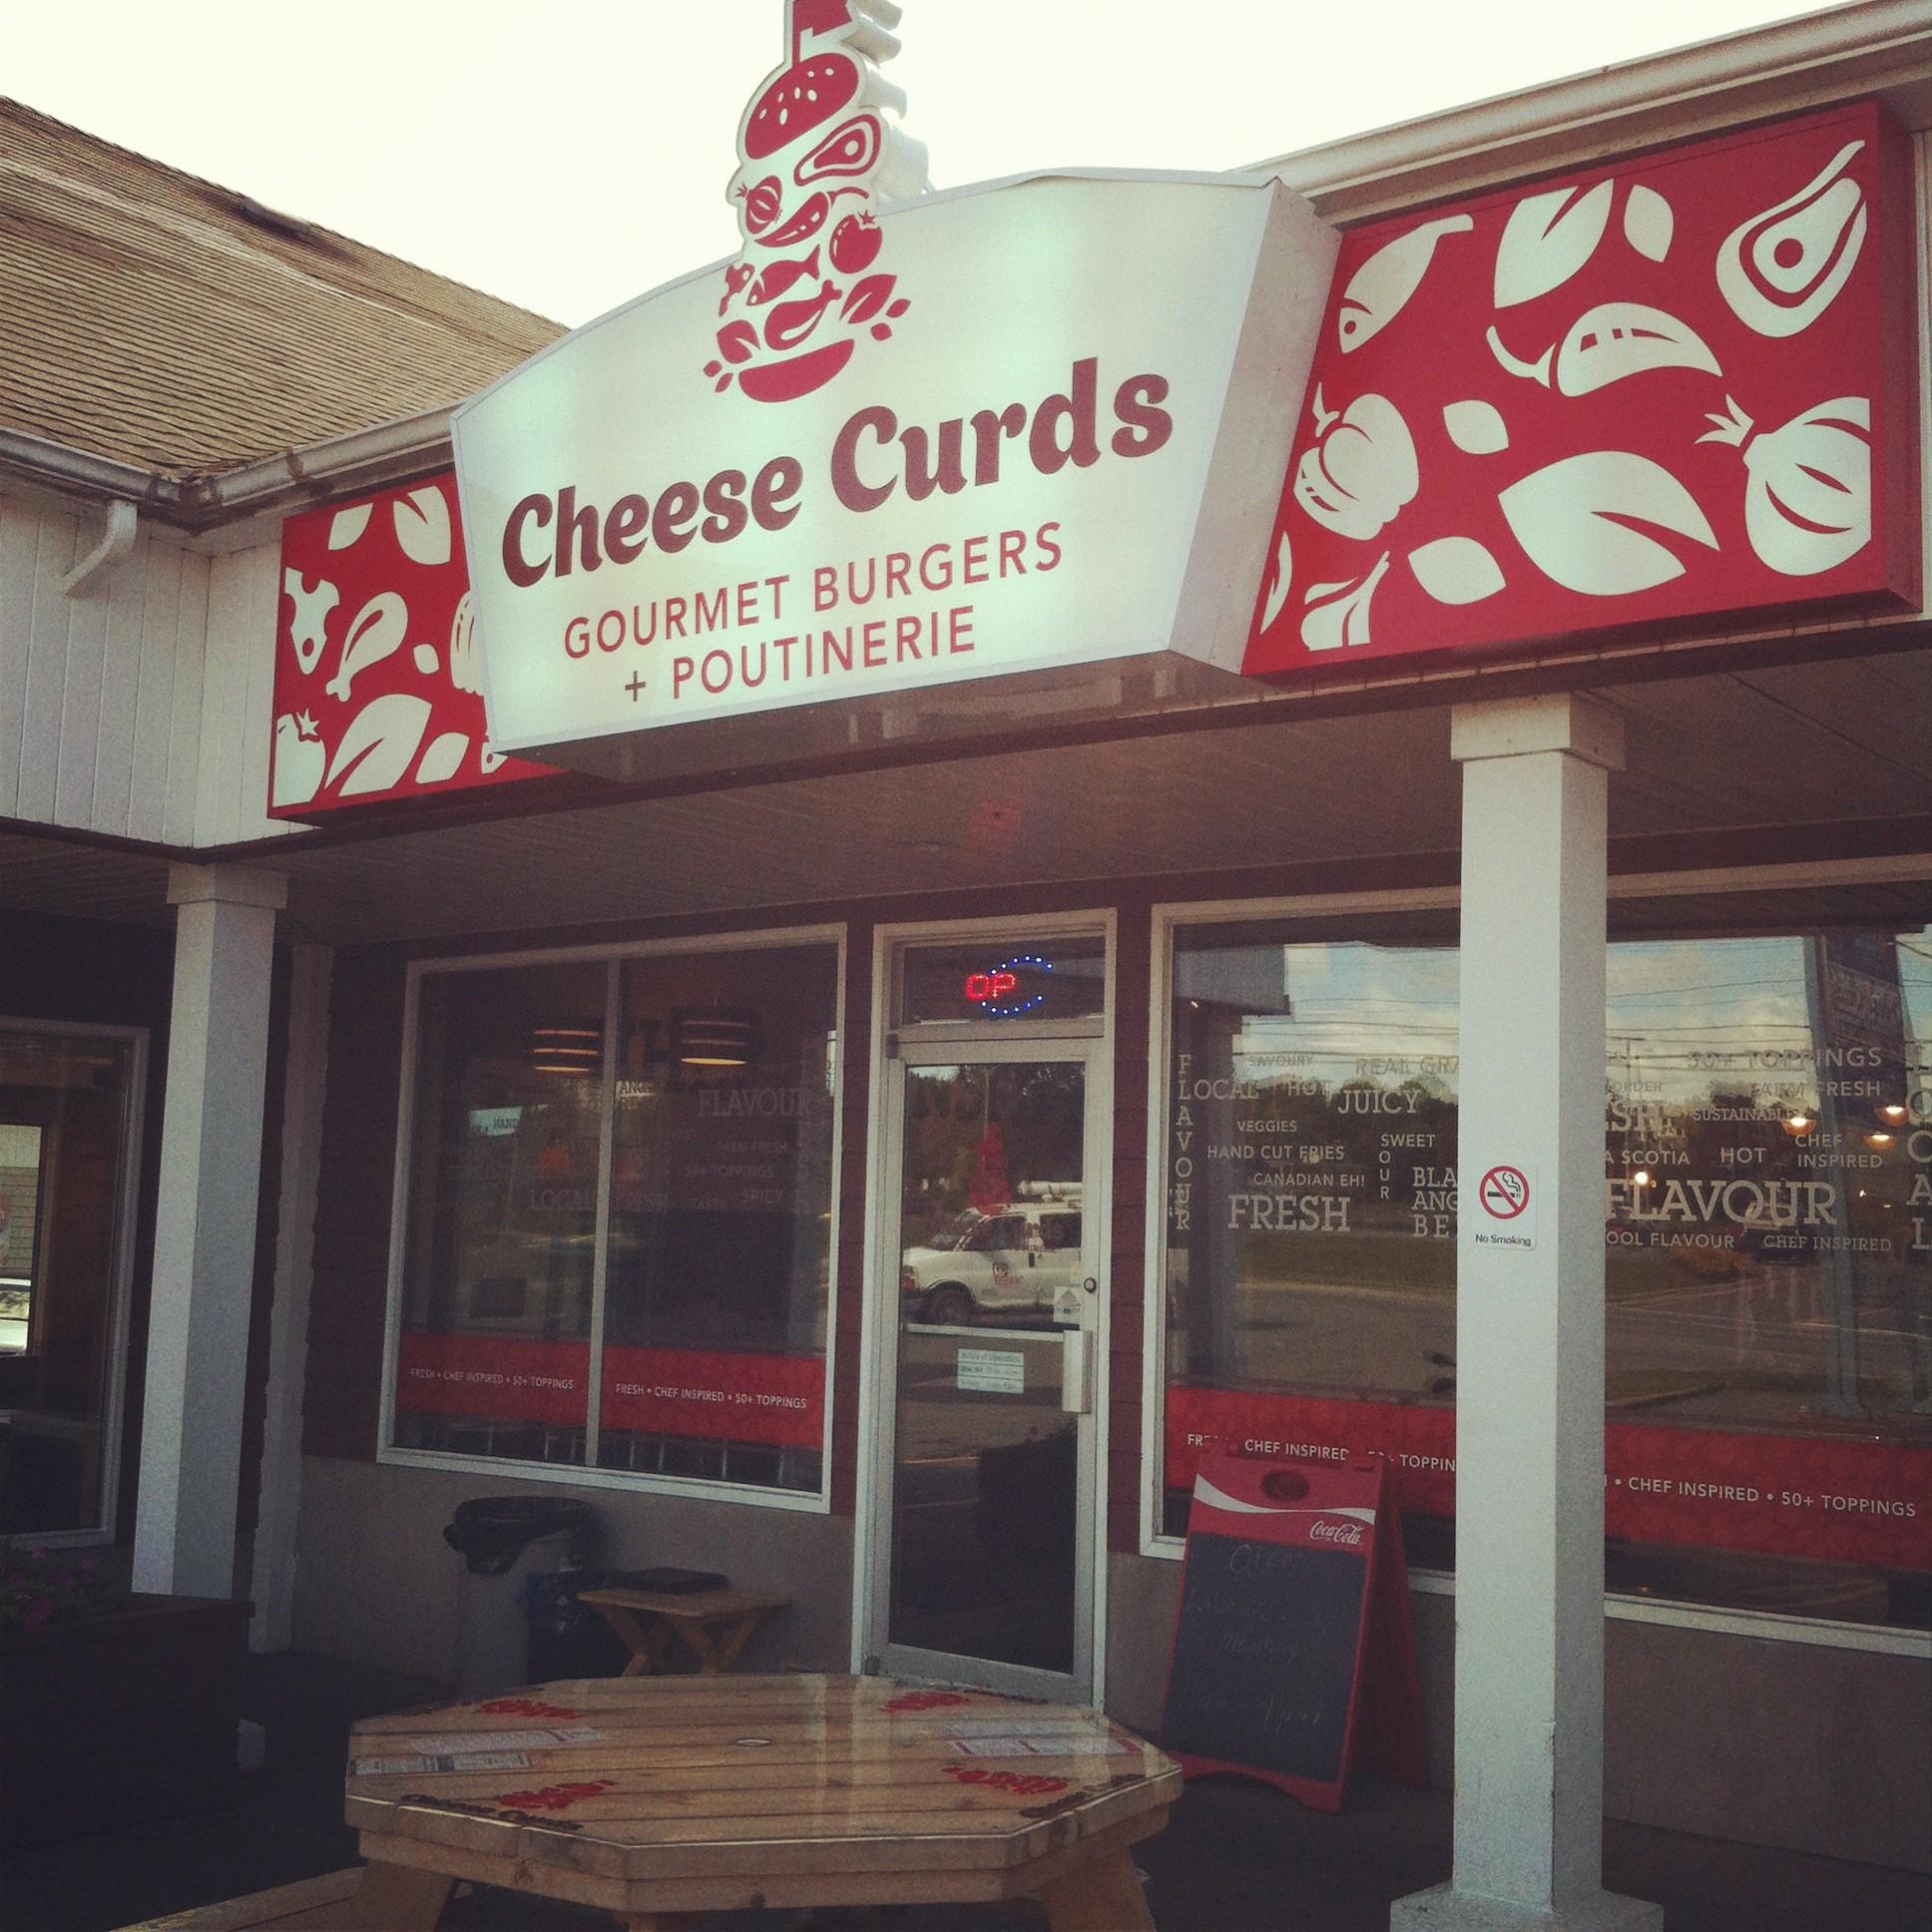 WHERE Halifax Magazine's Best New Restaurant is Cheese Curds